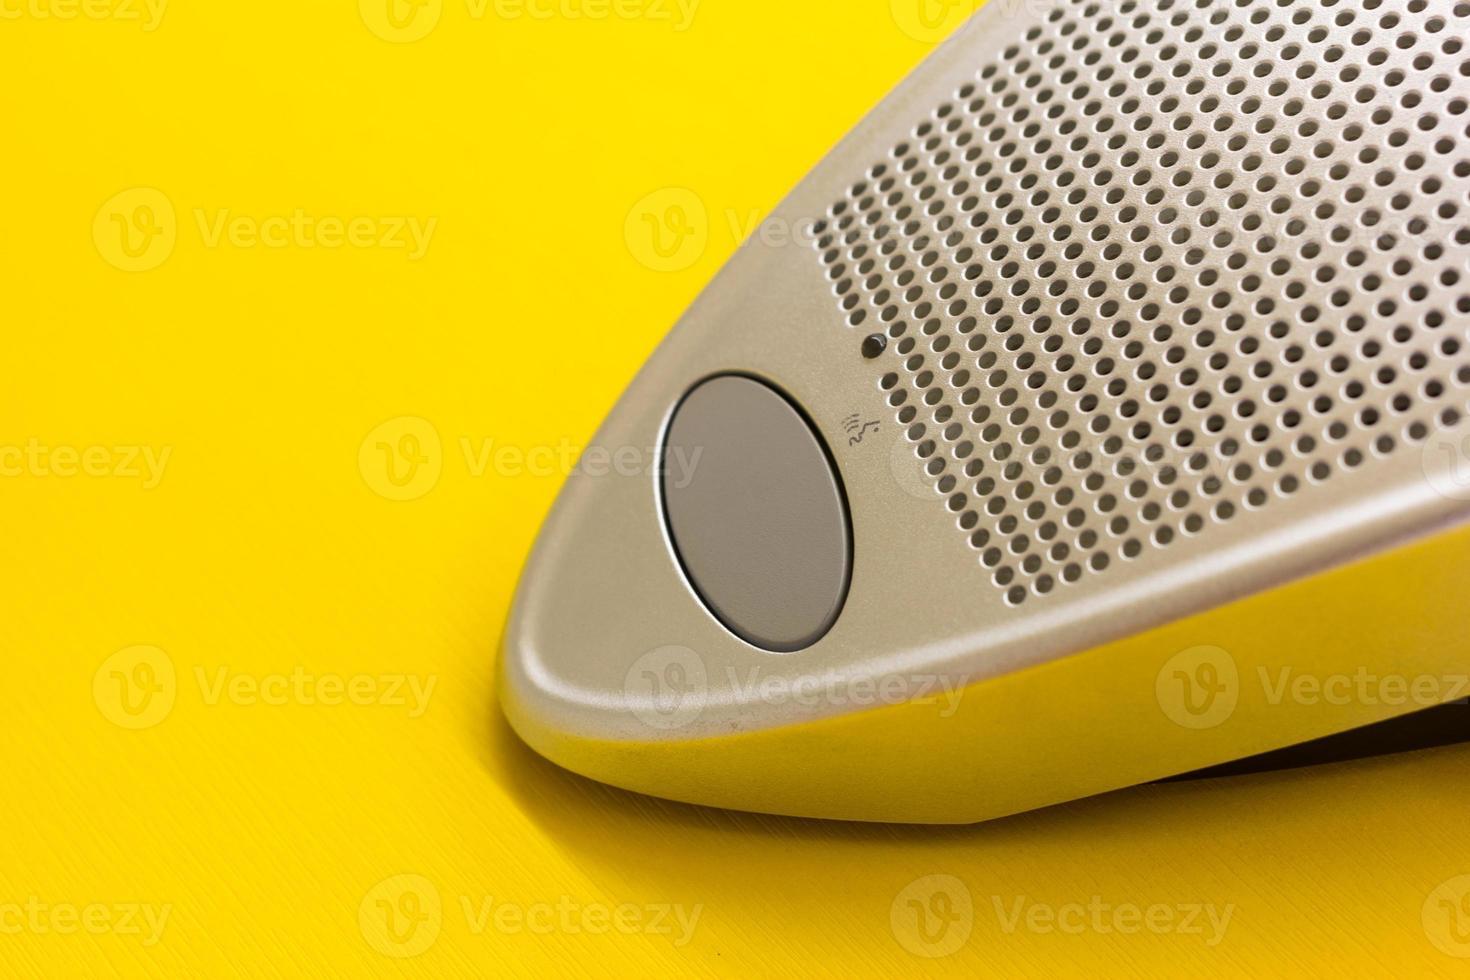 pulsante altoparlante microfono sul tavolo giallo foto